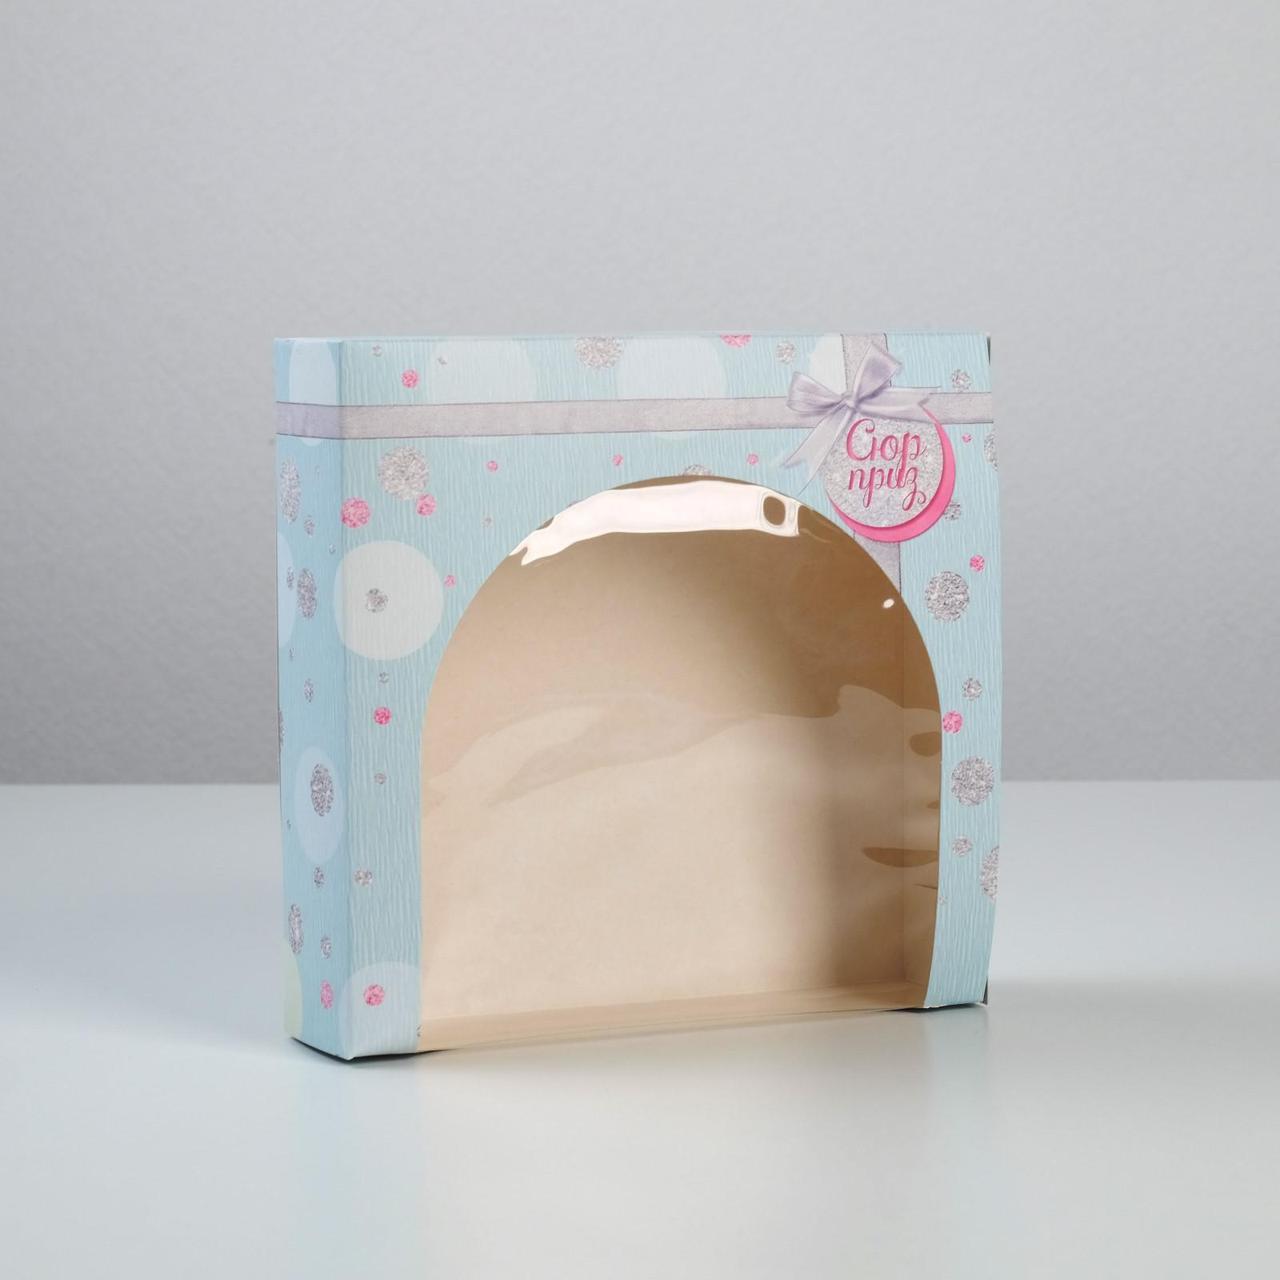 Коробка складная «Сюрприз», 20 х 20 х 5 см - фото 2